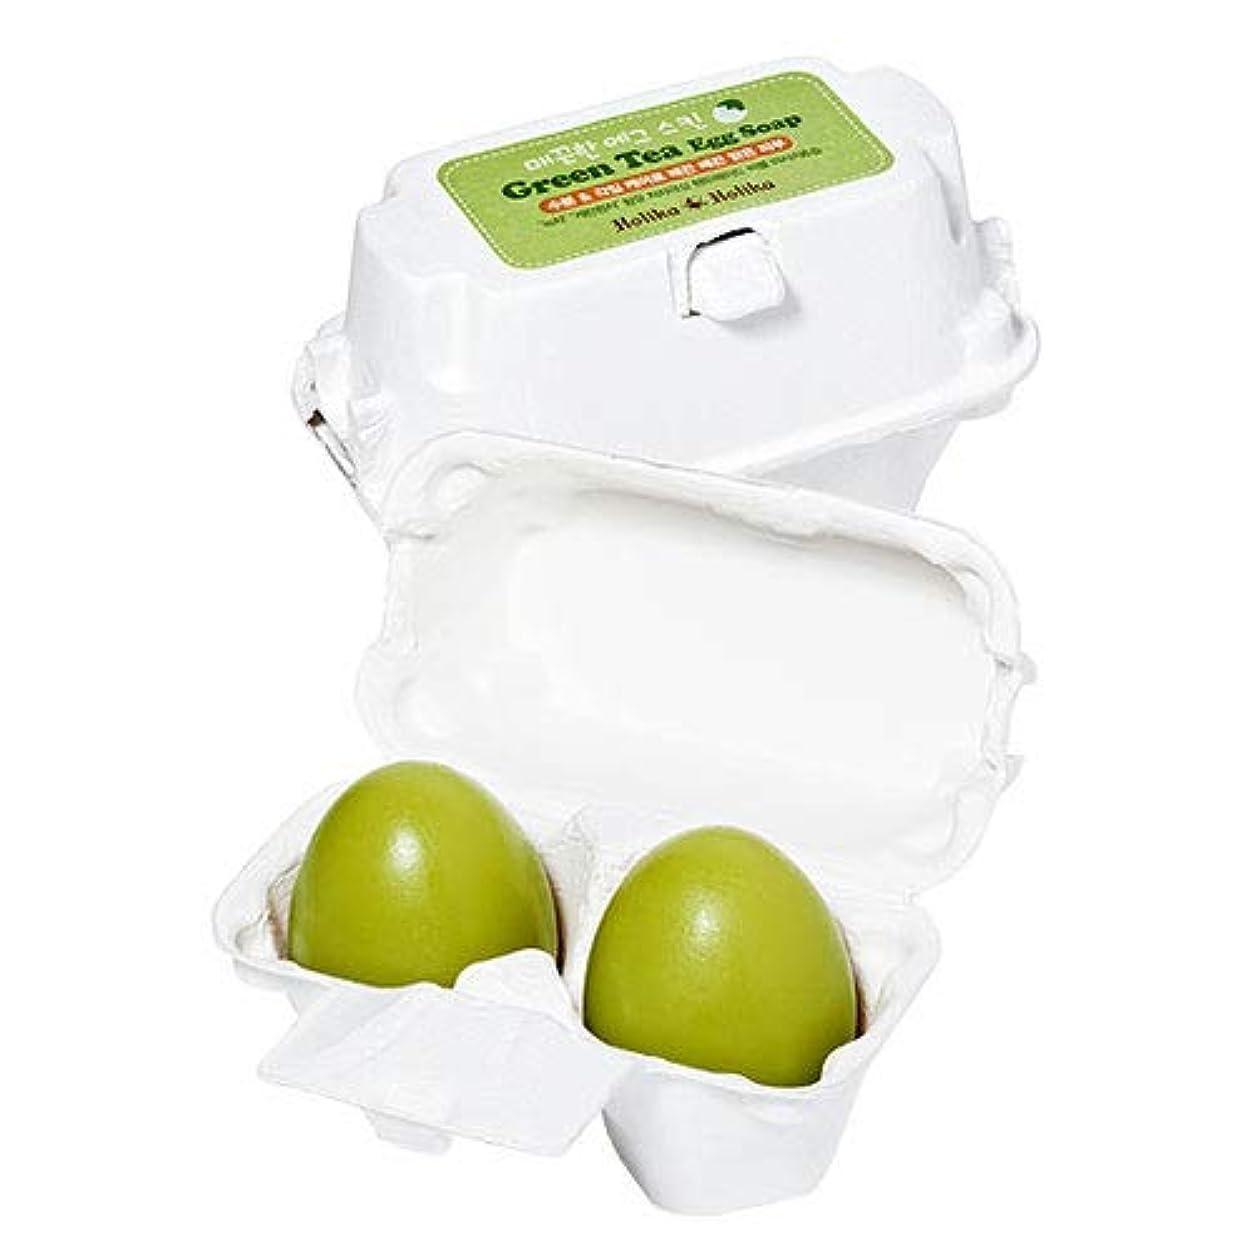 でるコピー苗[緑茶/Green Tea] Holika Holika Egg Skin Egg Soap ホリカホリカ エッグスキン エッグソープ (50g*2個) [並行輸入品]